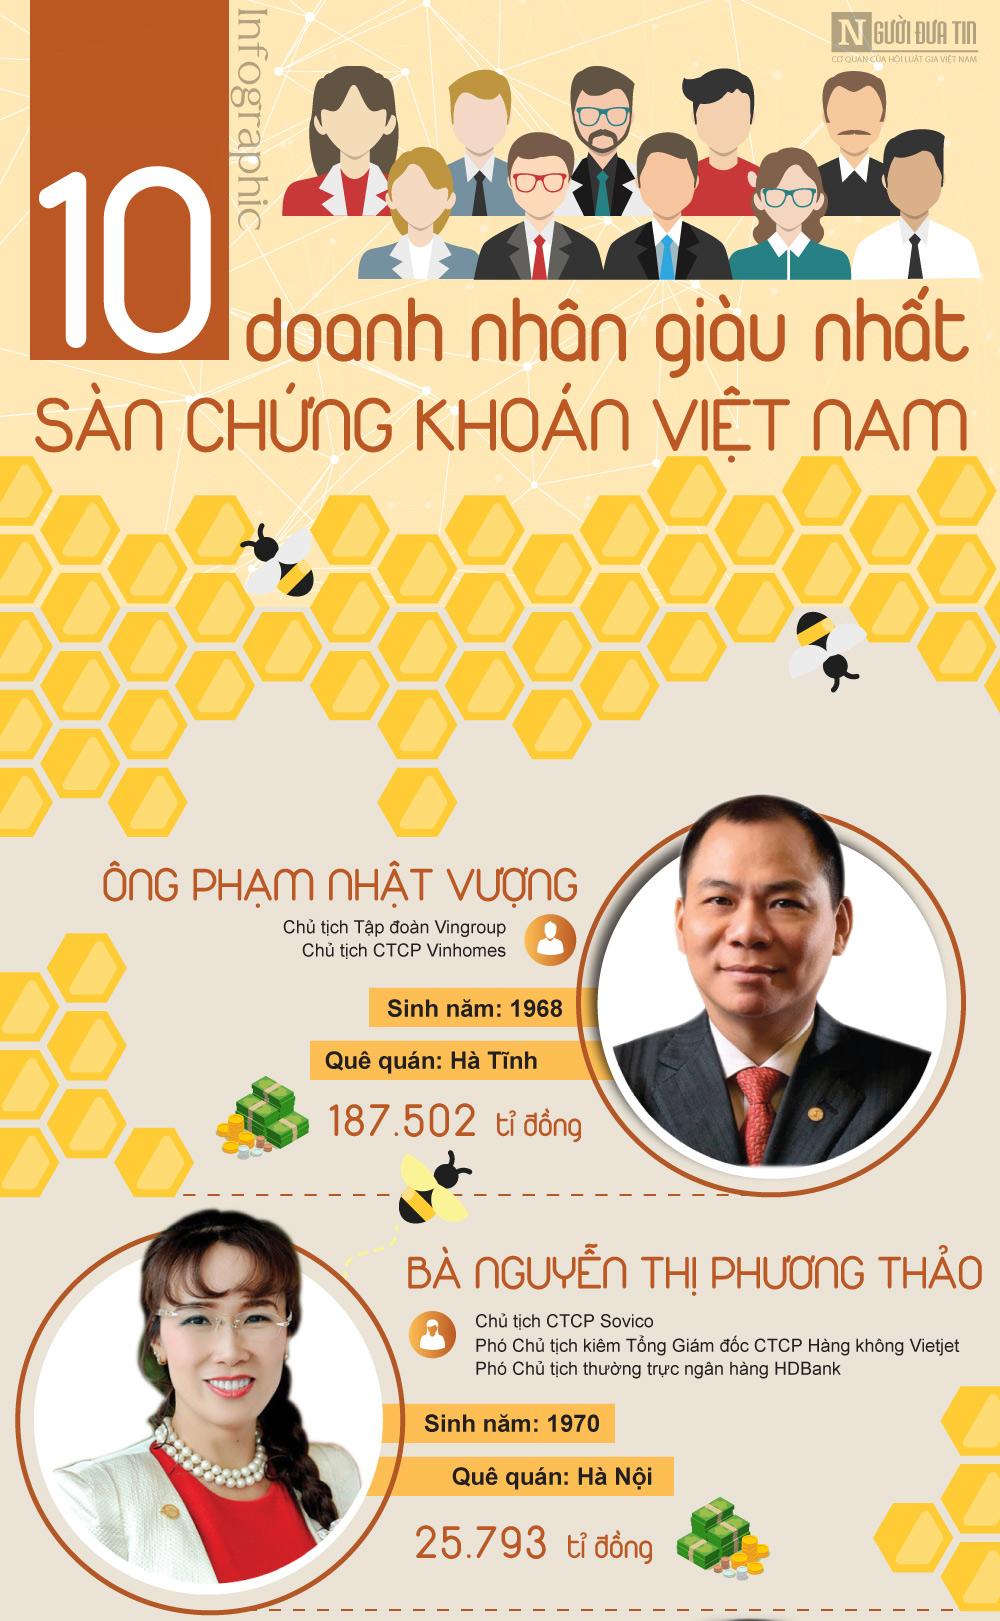 [Infographic] Khối tài sản khủng của 10 doanh nhân giàu nhất Việt Nam - 1